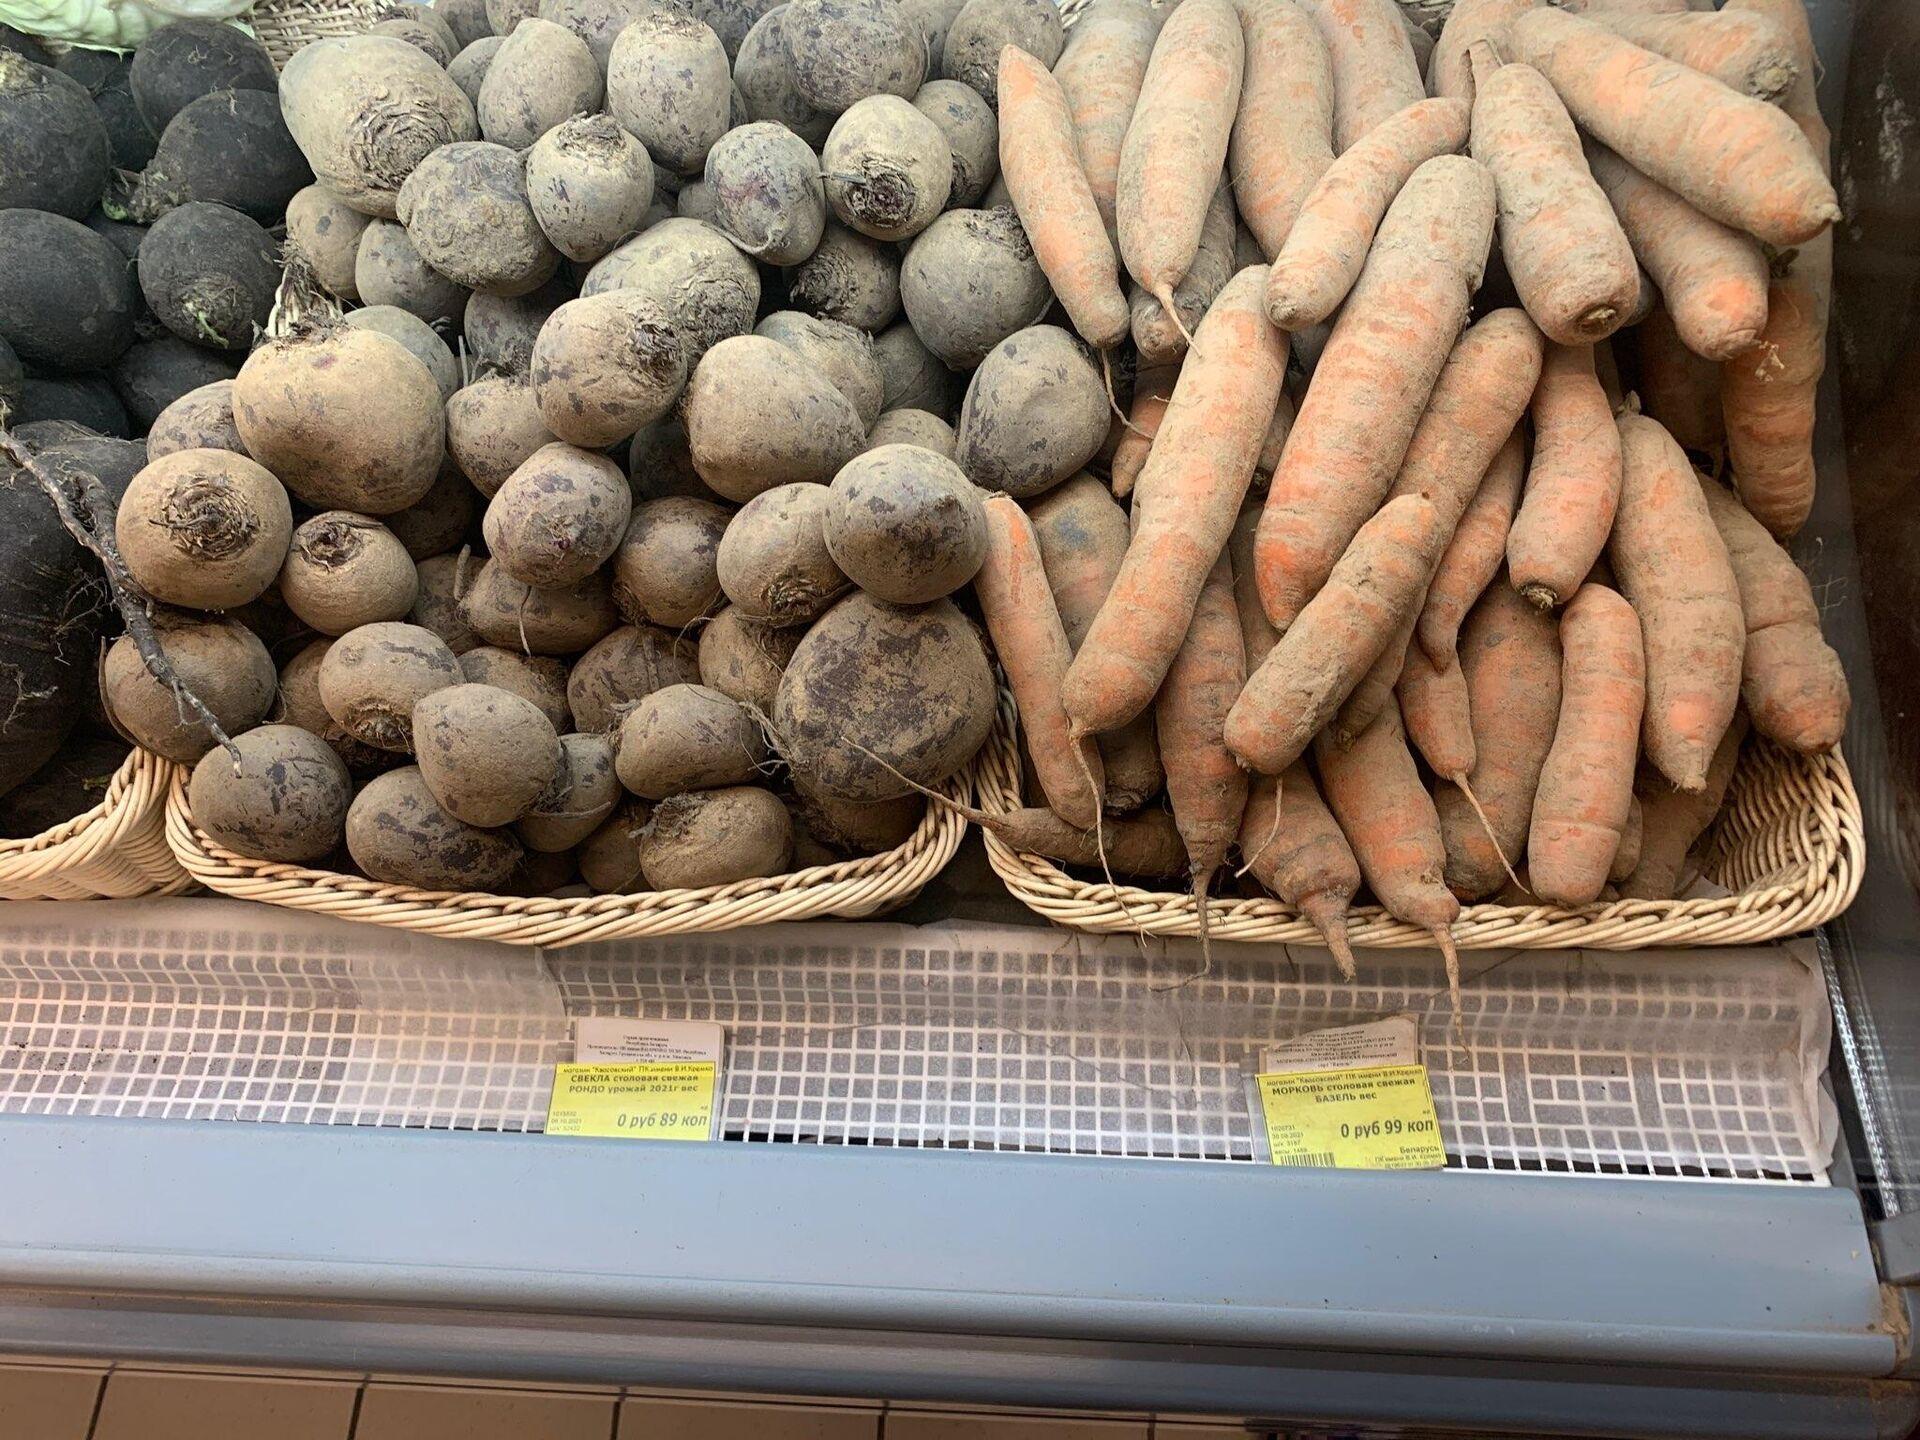 Цены на овощи в Гродно - Sputnik Беларусь, 1920, 08.10.2021